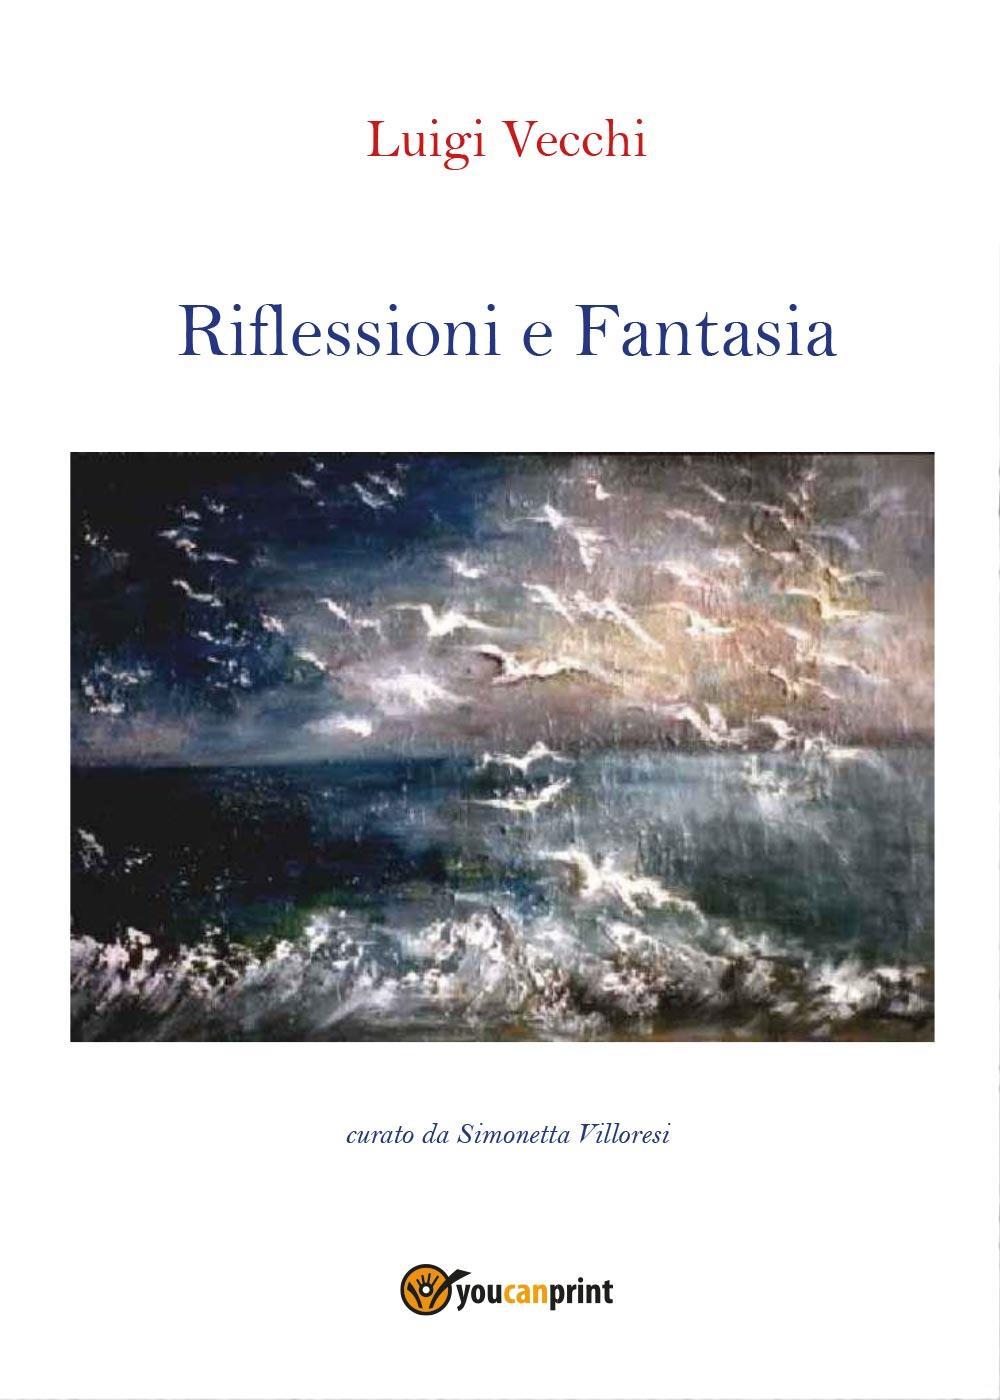 Riflessioni e Fantasia